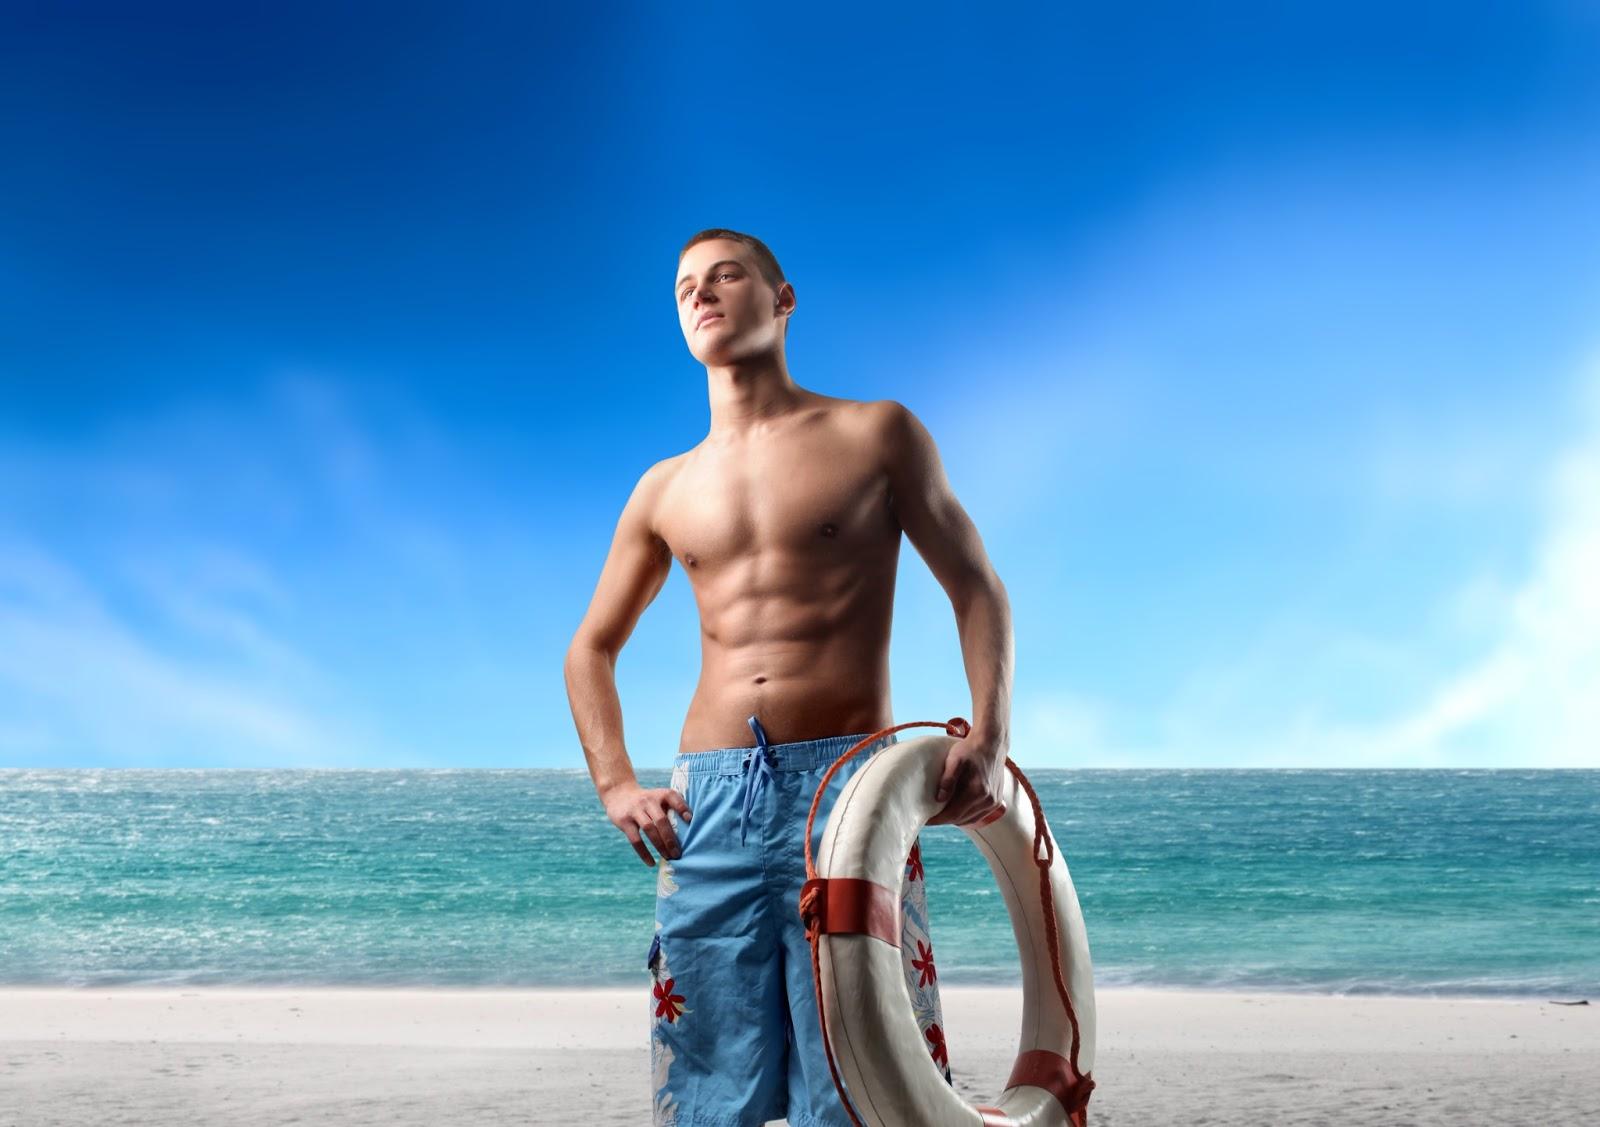 Fotos En La Playa Hombre: Solo Para Hombres: Cómo Lucir Bien En La Playa